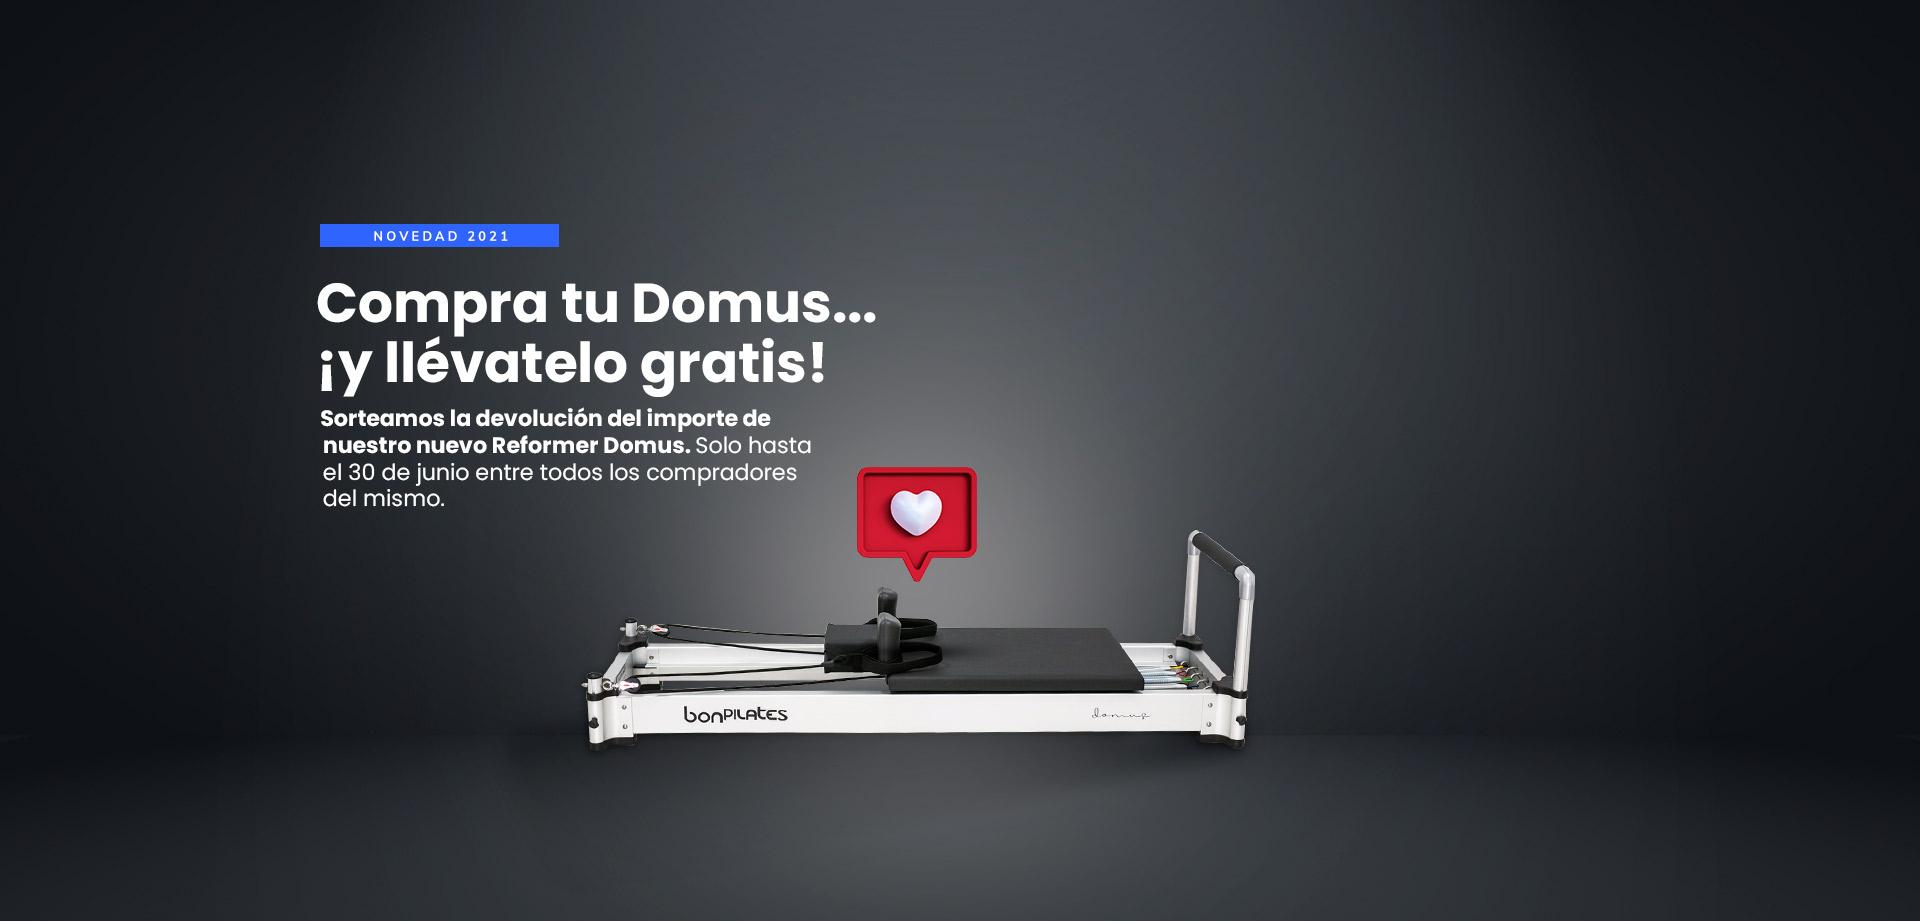 Sorteo Domus 1920x921  - Máquinas Pilates: reformer, accesorios y material